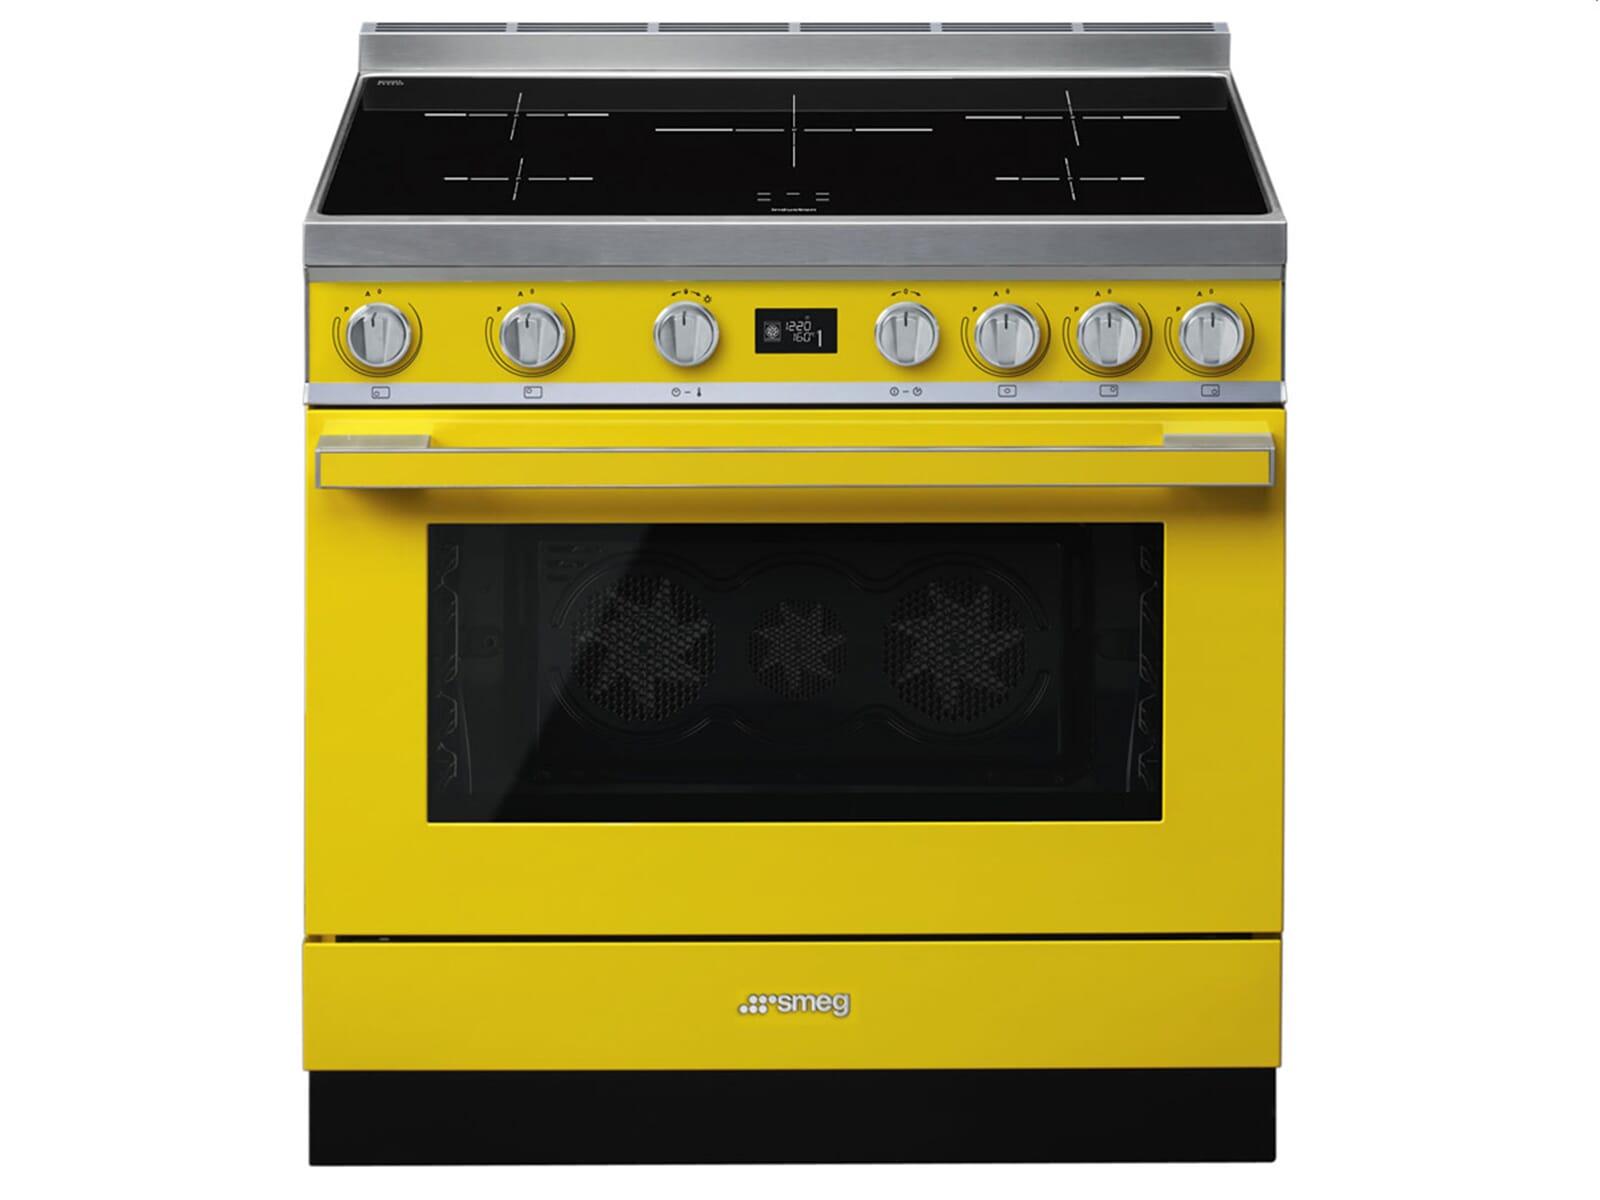 Smeg Kühlschrank Gelb : Smeg cpf ipyw induktion standherd gelb